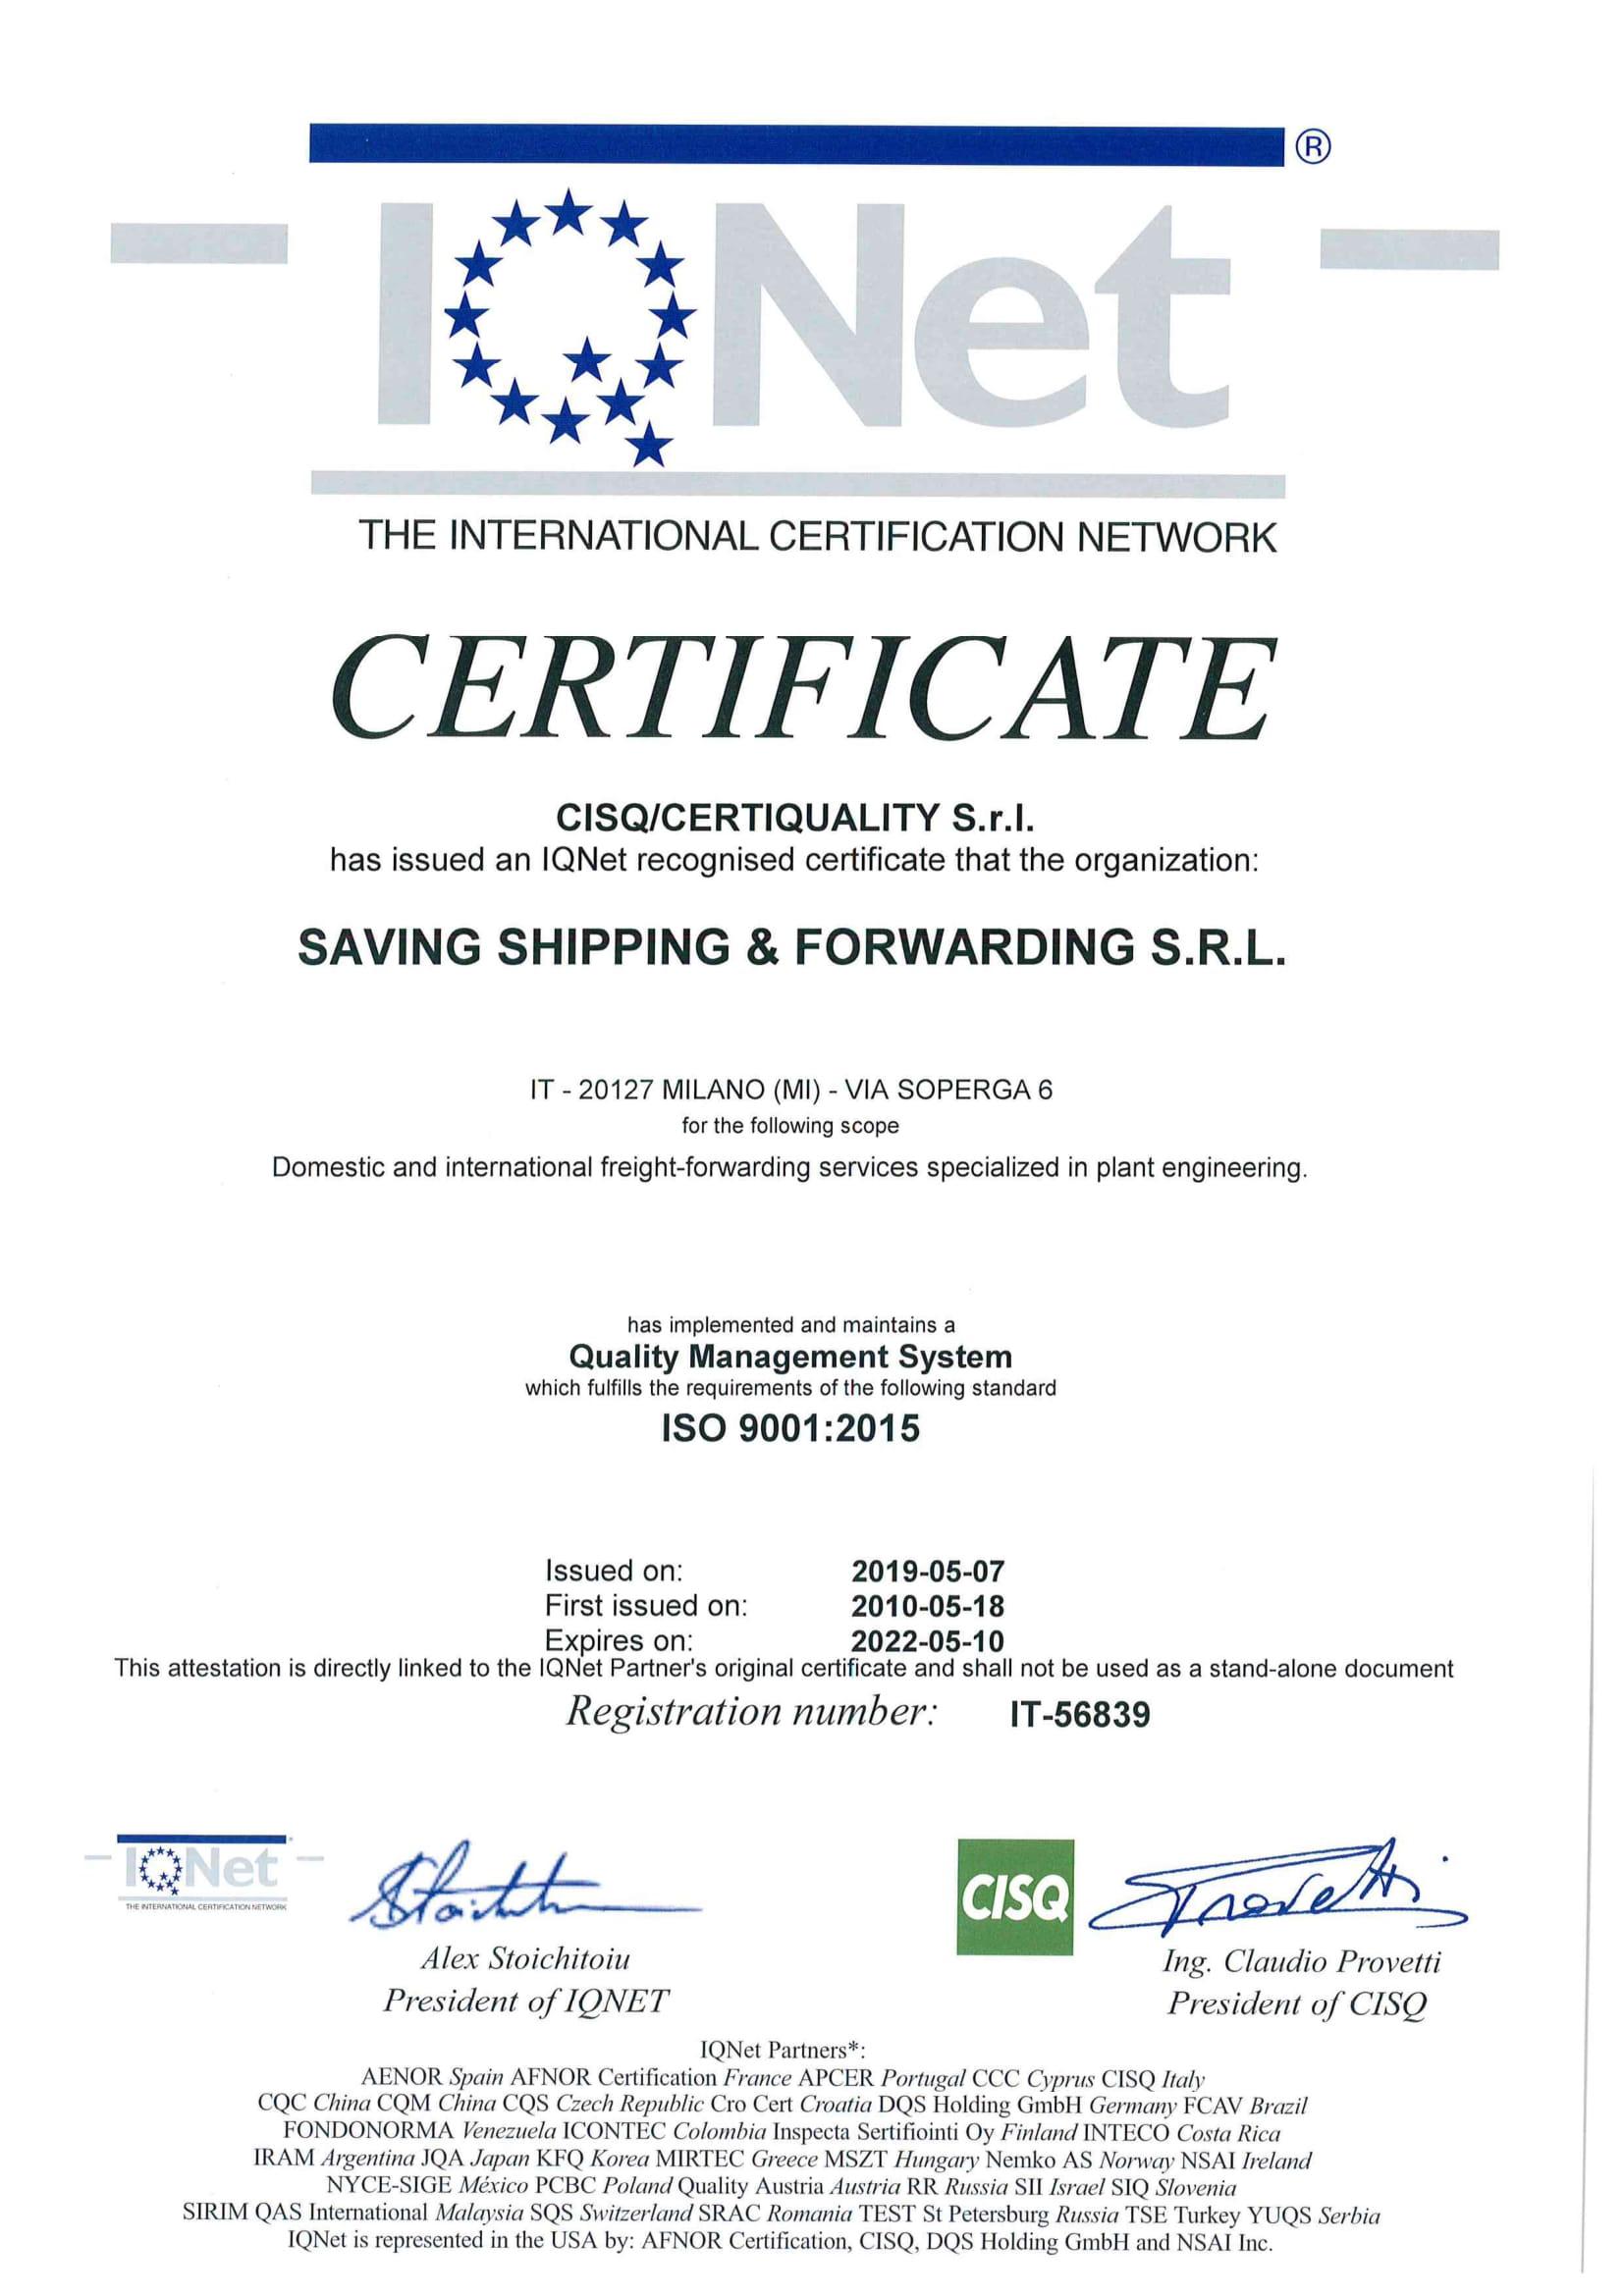 http://www.savingroup.com/images/uploads/qualita/IQNET-SSF-2019.jpg